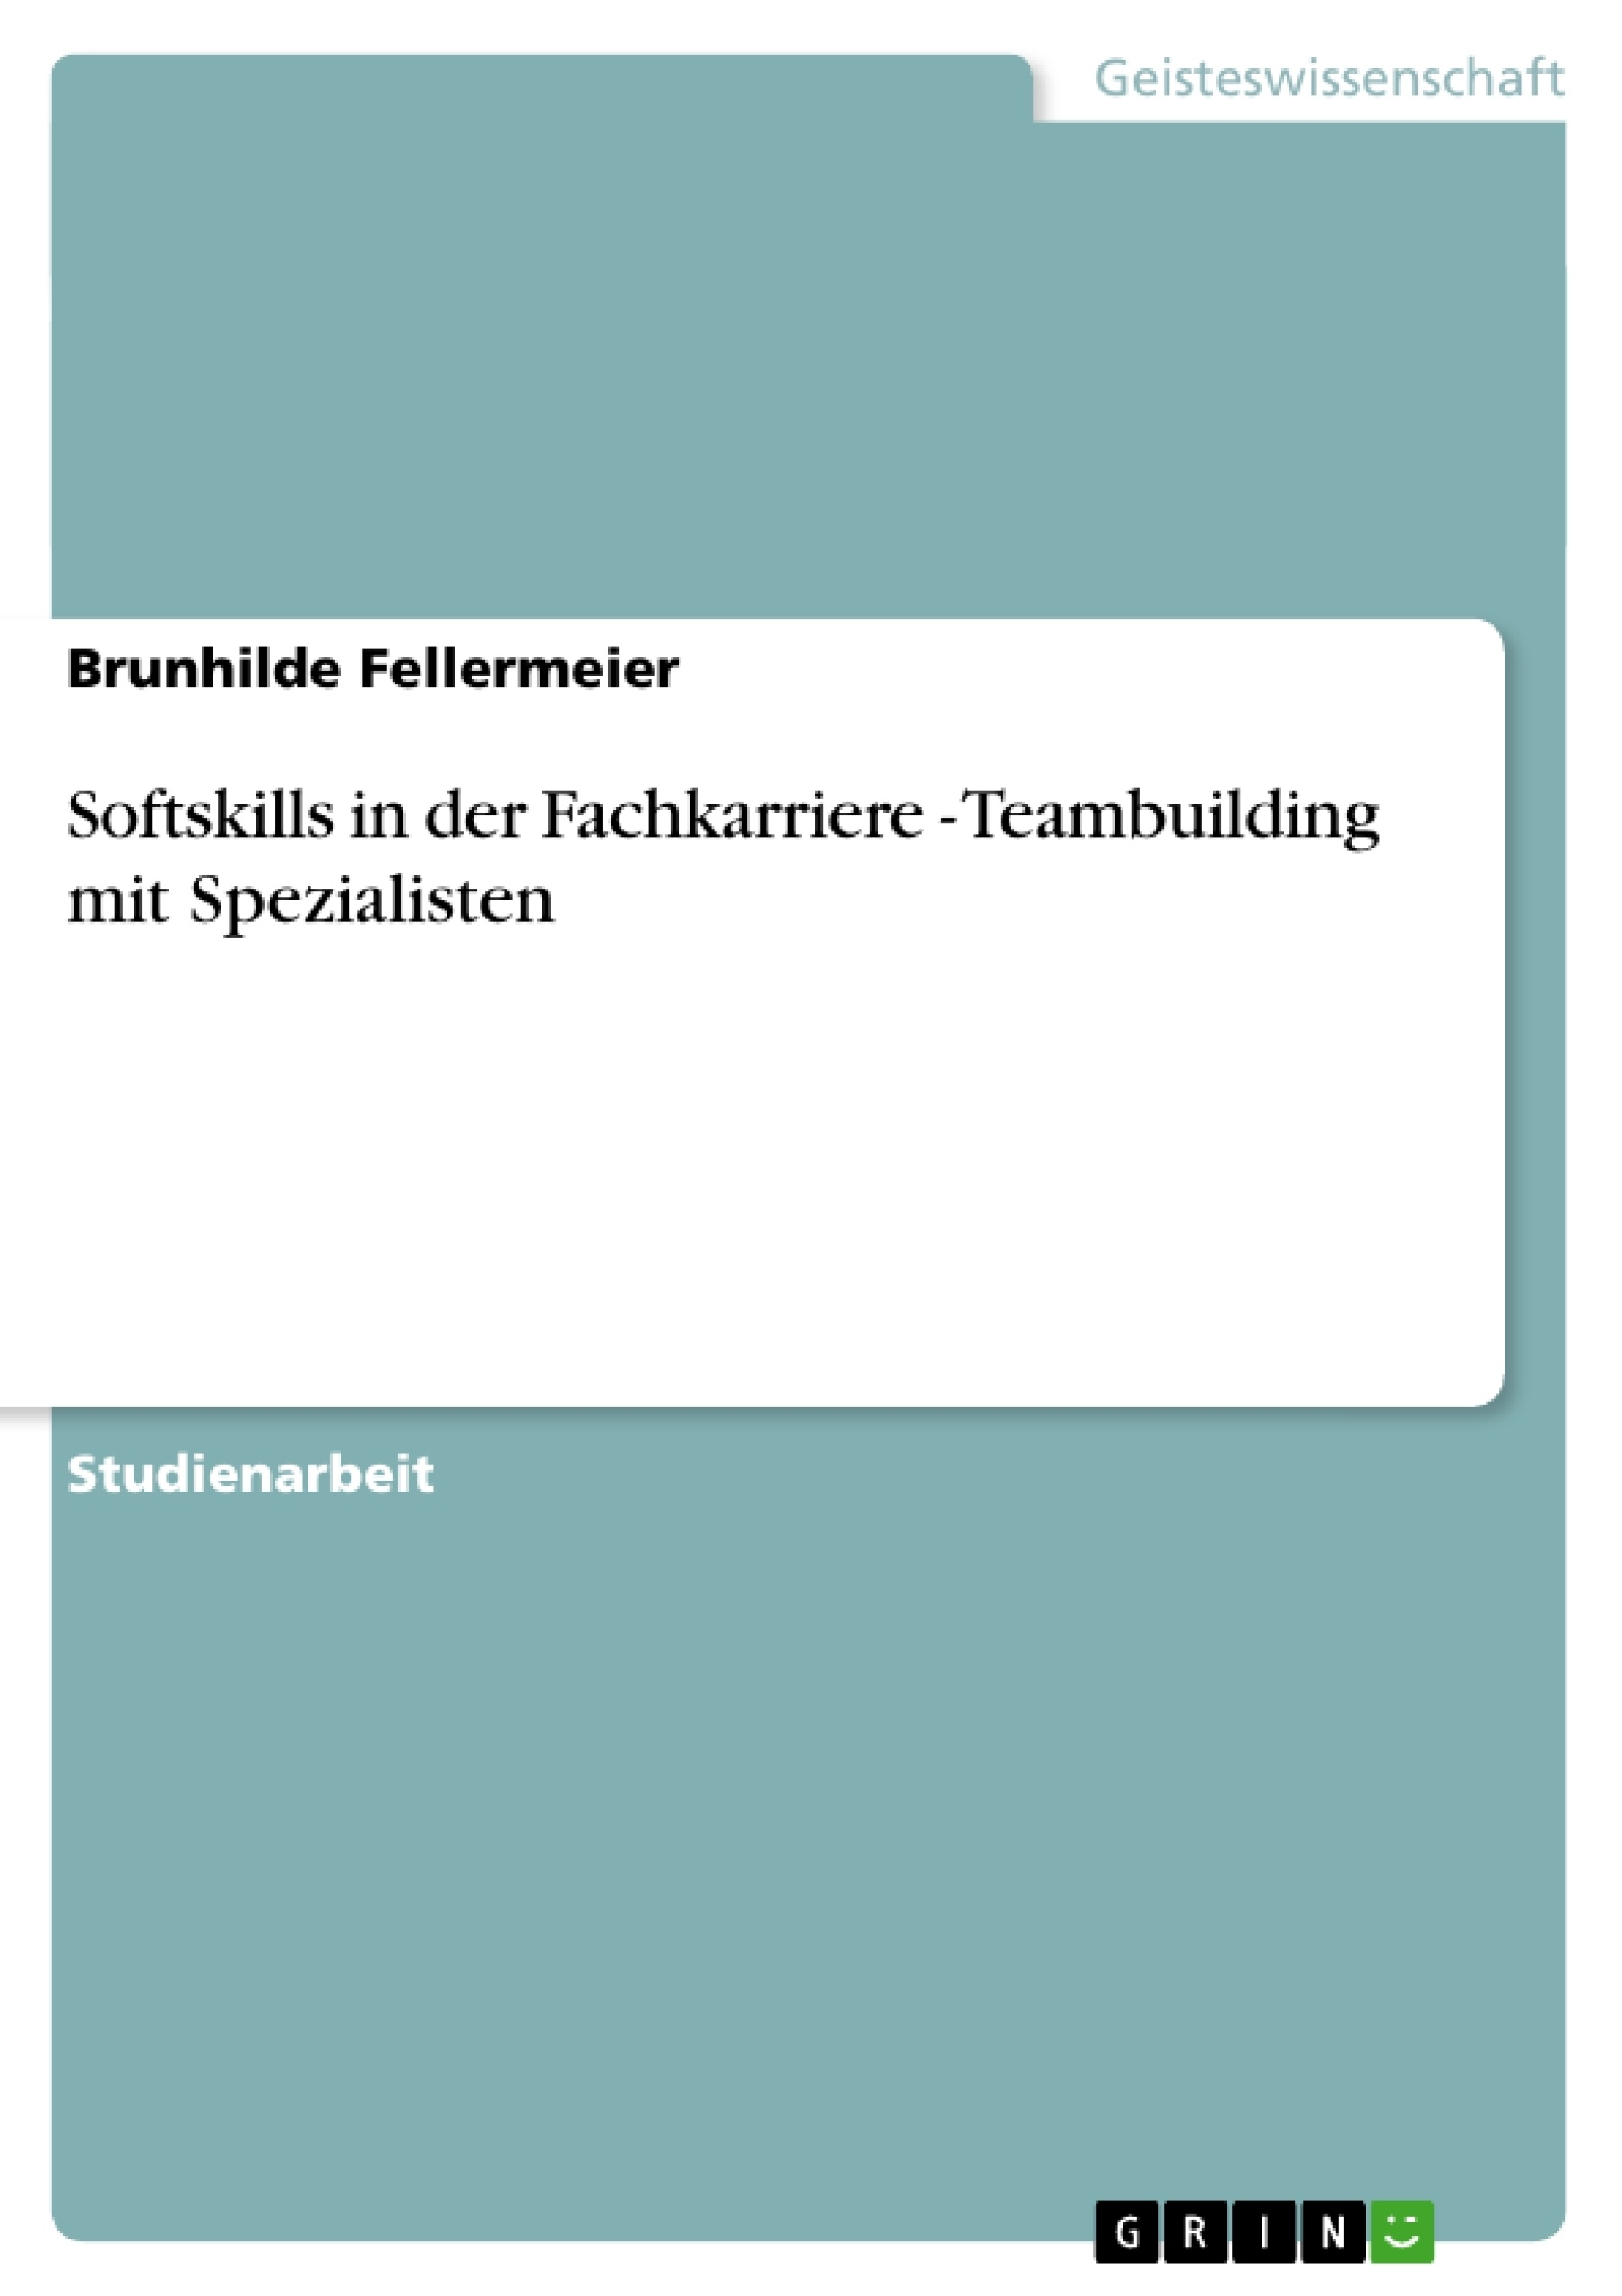 Titel: Softskills in der Fachkarriere - Teambuilding mit Spezialisten